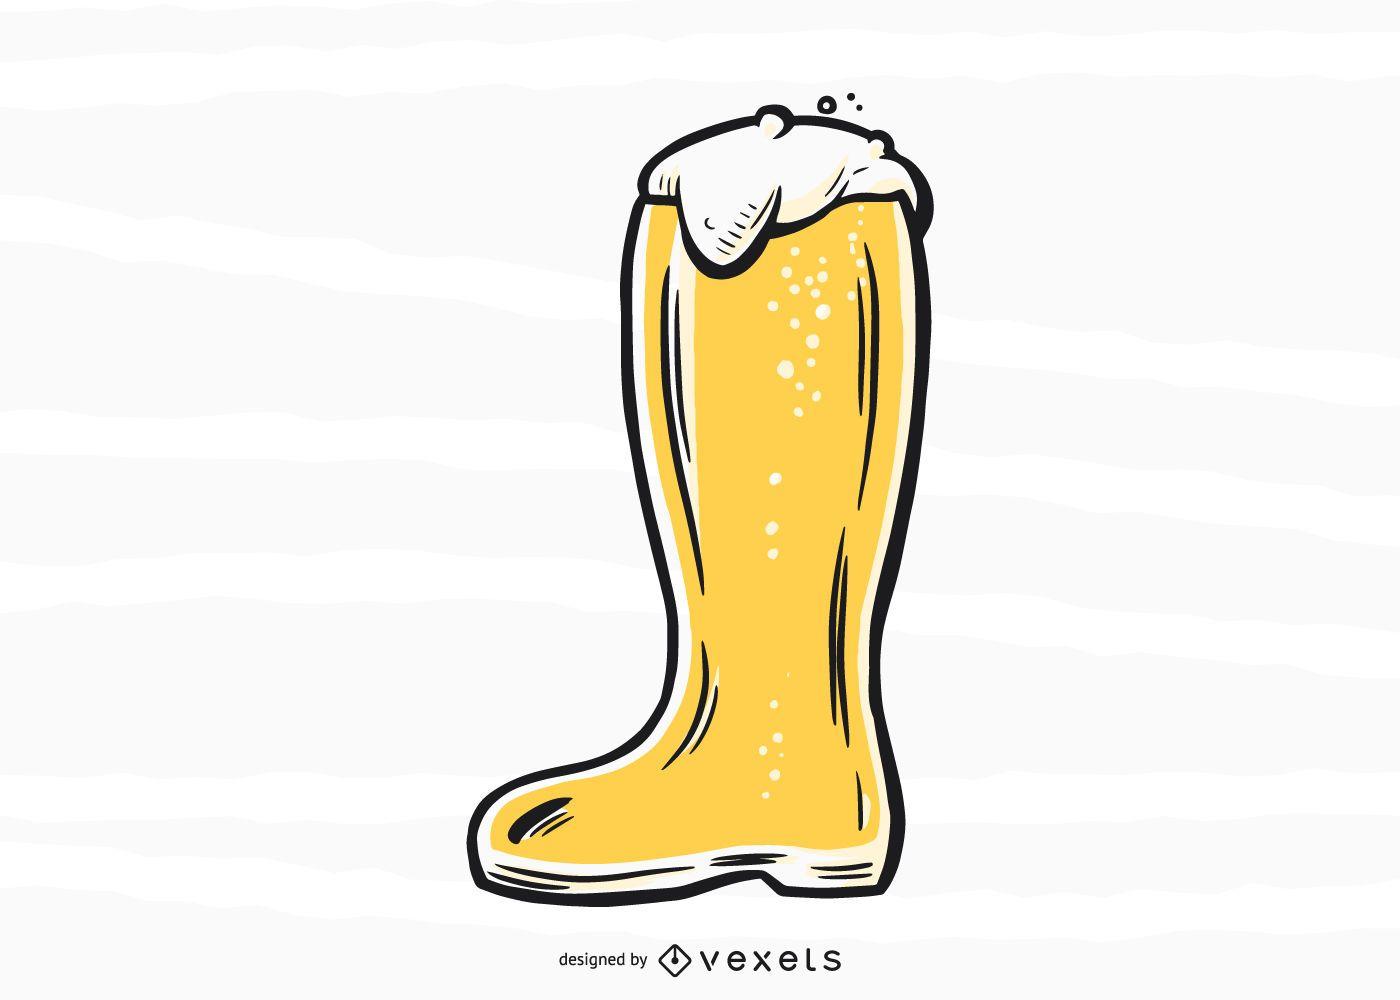 Dise?o de ilustraci?n de bota de cerveza